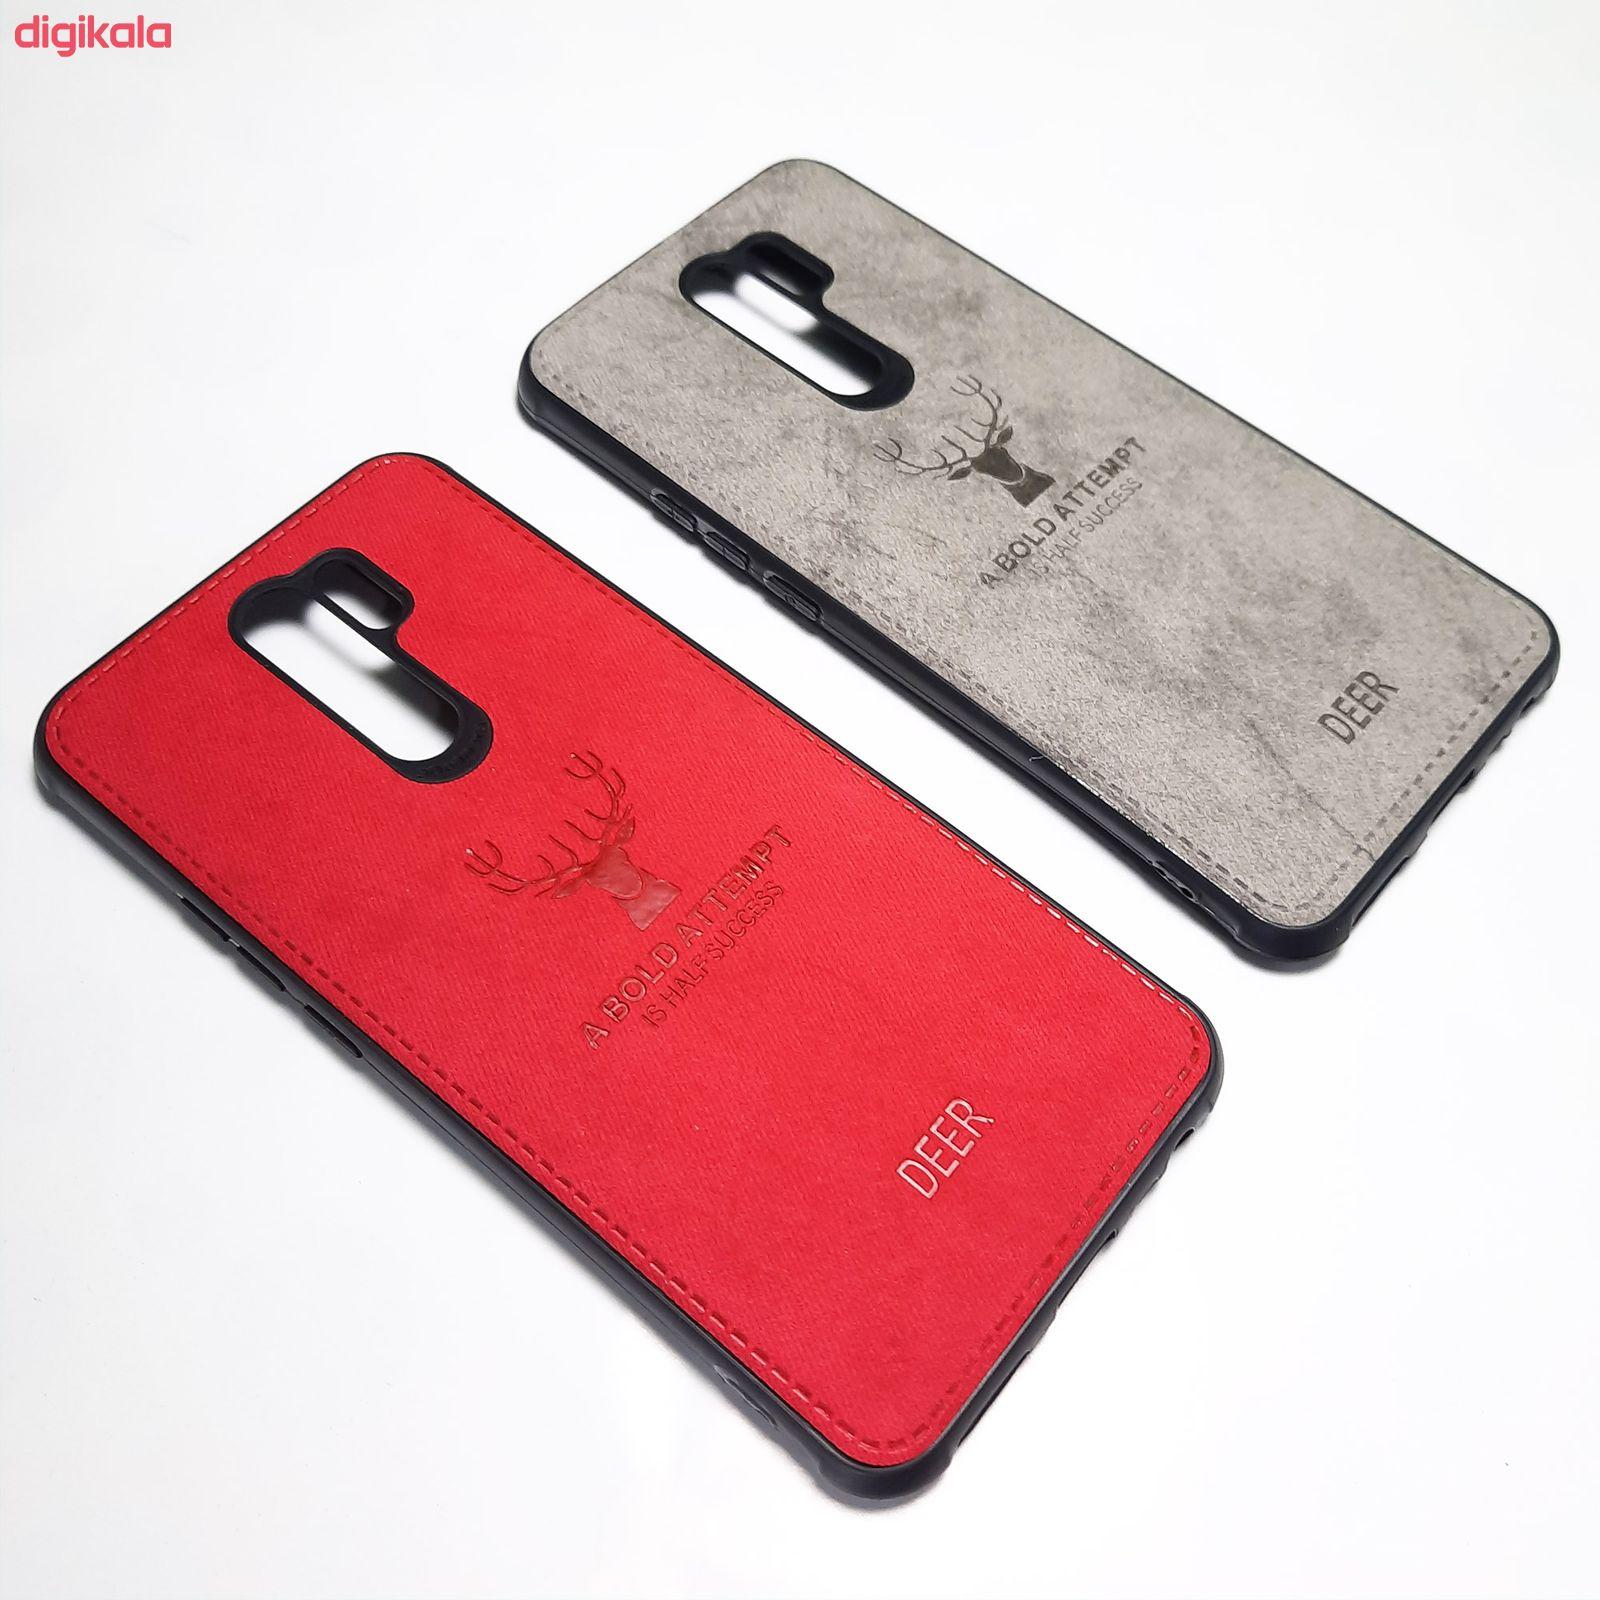 کاور مدل CO812 طرح گوزن مناسب برای گوشی موبایل شیائومی Redmi 9 / Redmi 9 Prime main 1 1